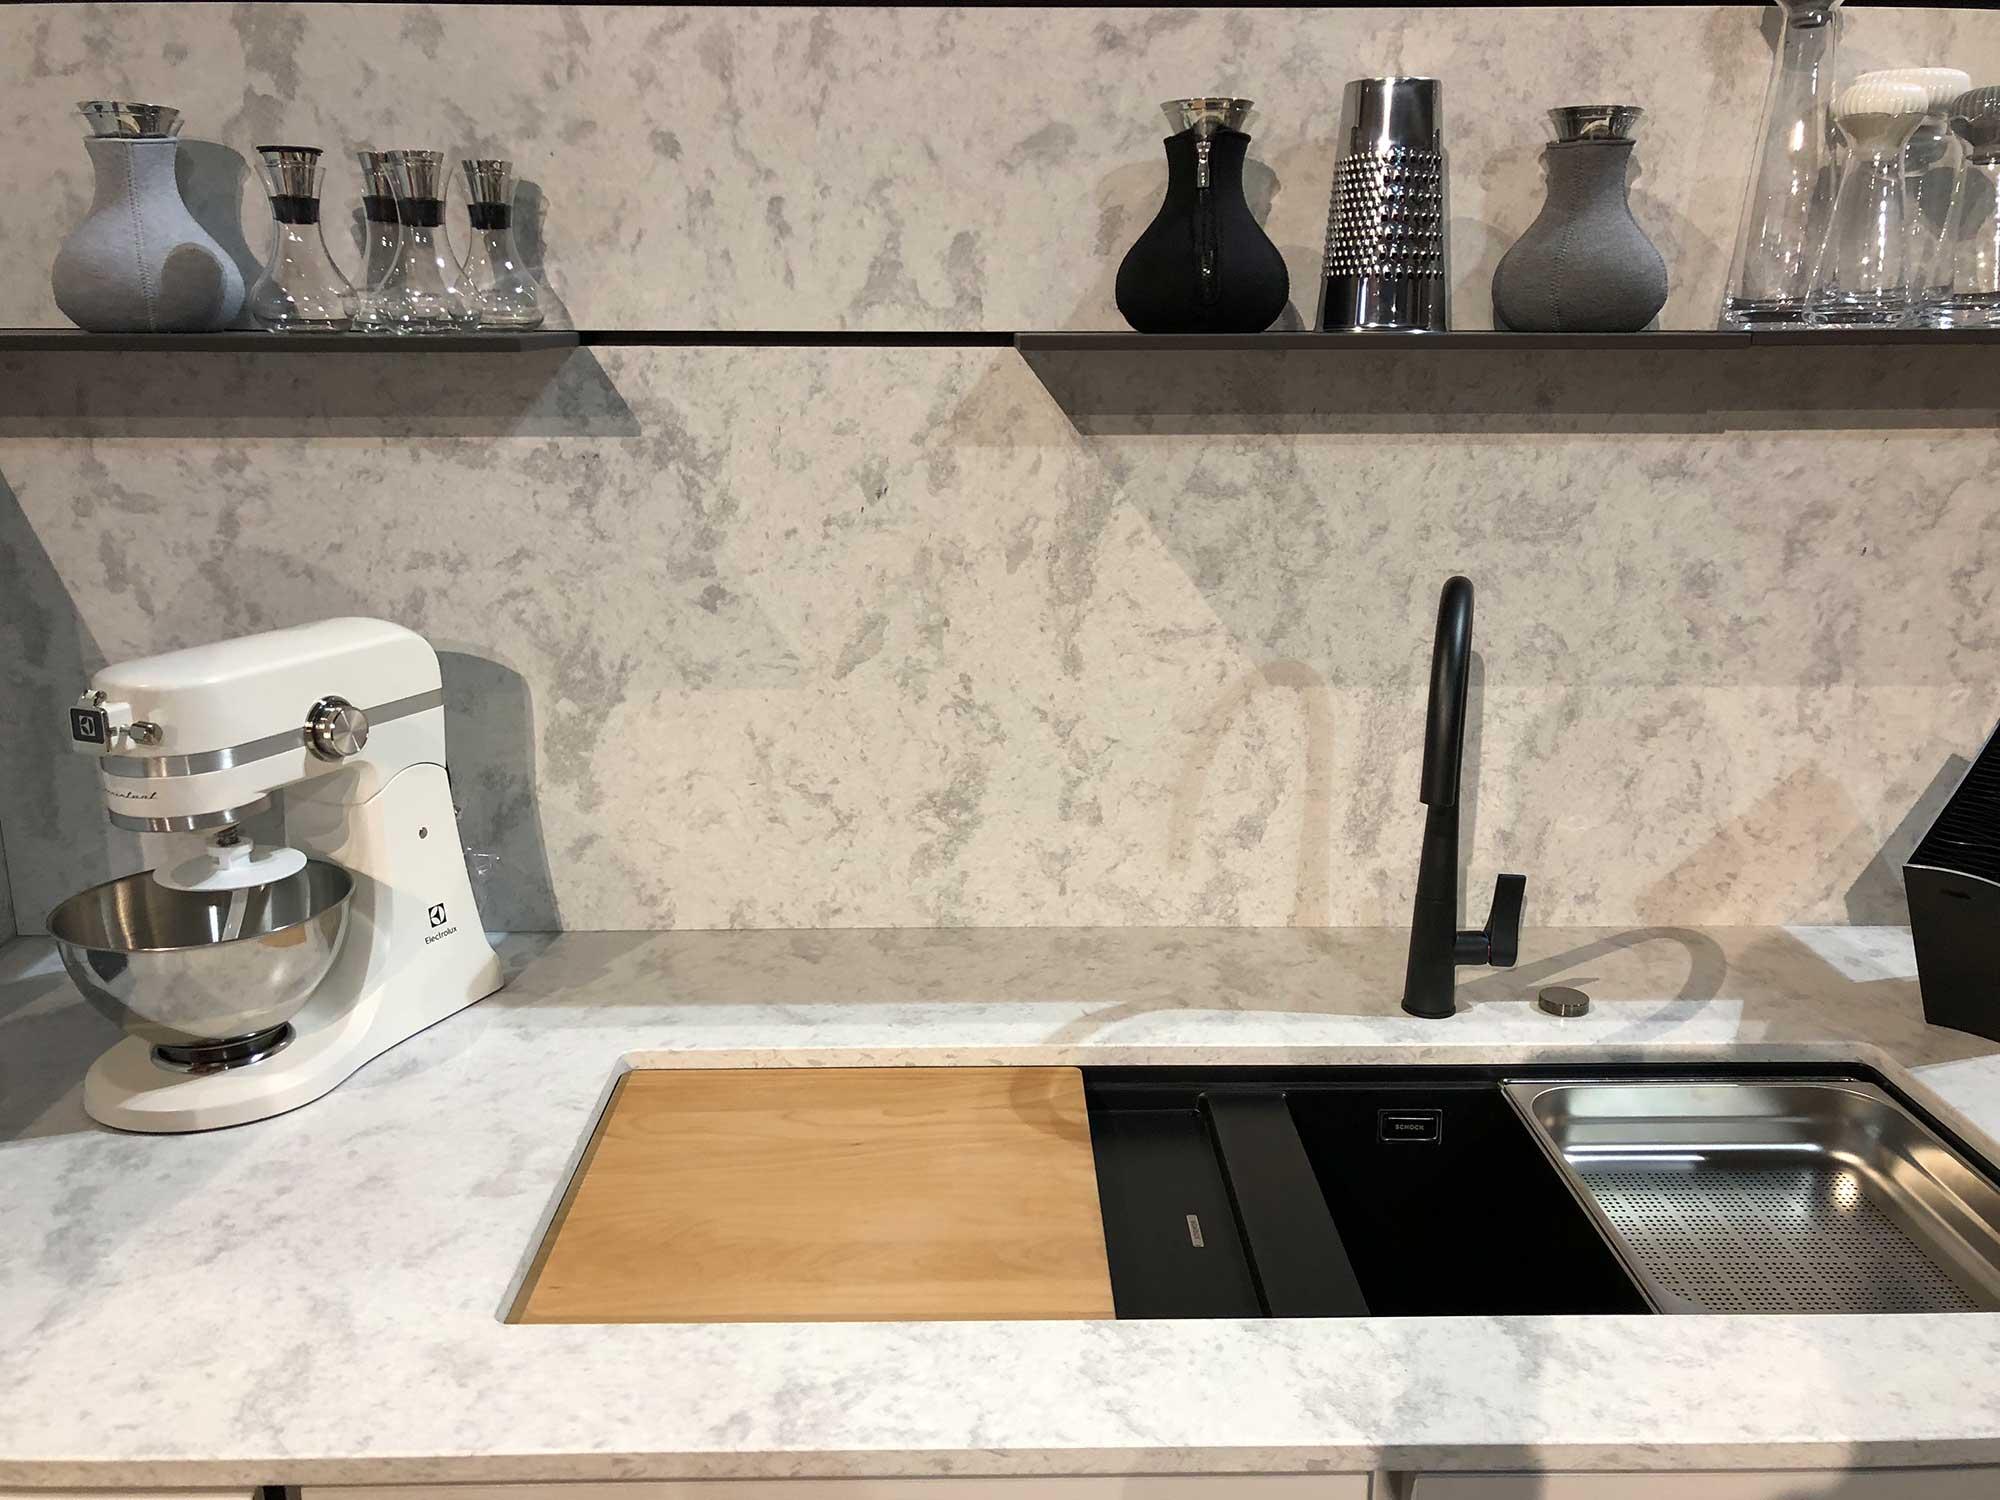 beton quarz metropolis oyster arbeitsplatte arbeitsplatten k chenarbeitsplatten. Black Bedroom Furniture Sets. Home Design Ideas